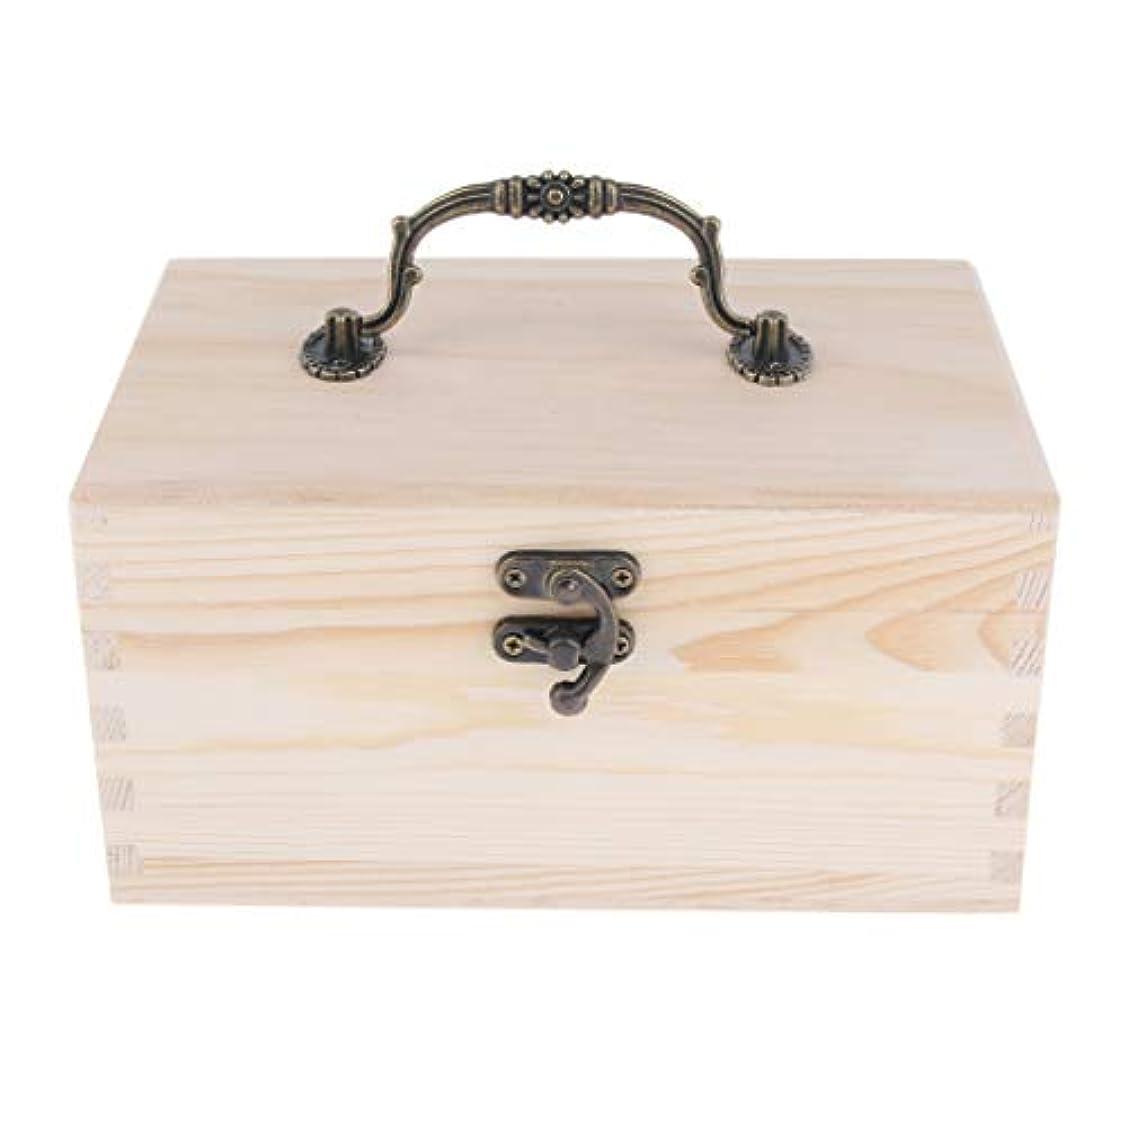 毎日憂鬱なポーンP Prettyia エッセンシャルオイルケース ディスプレイホルダー 15仕切り キャリーケース 収納ボックス